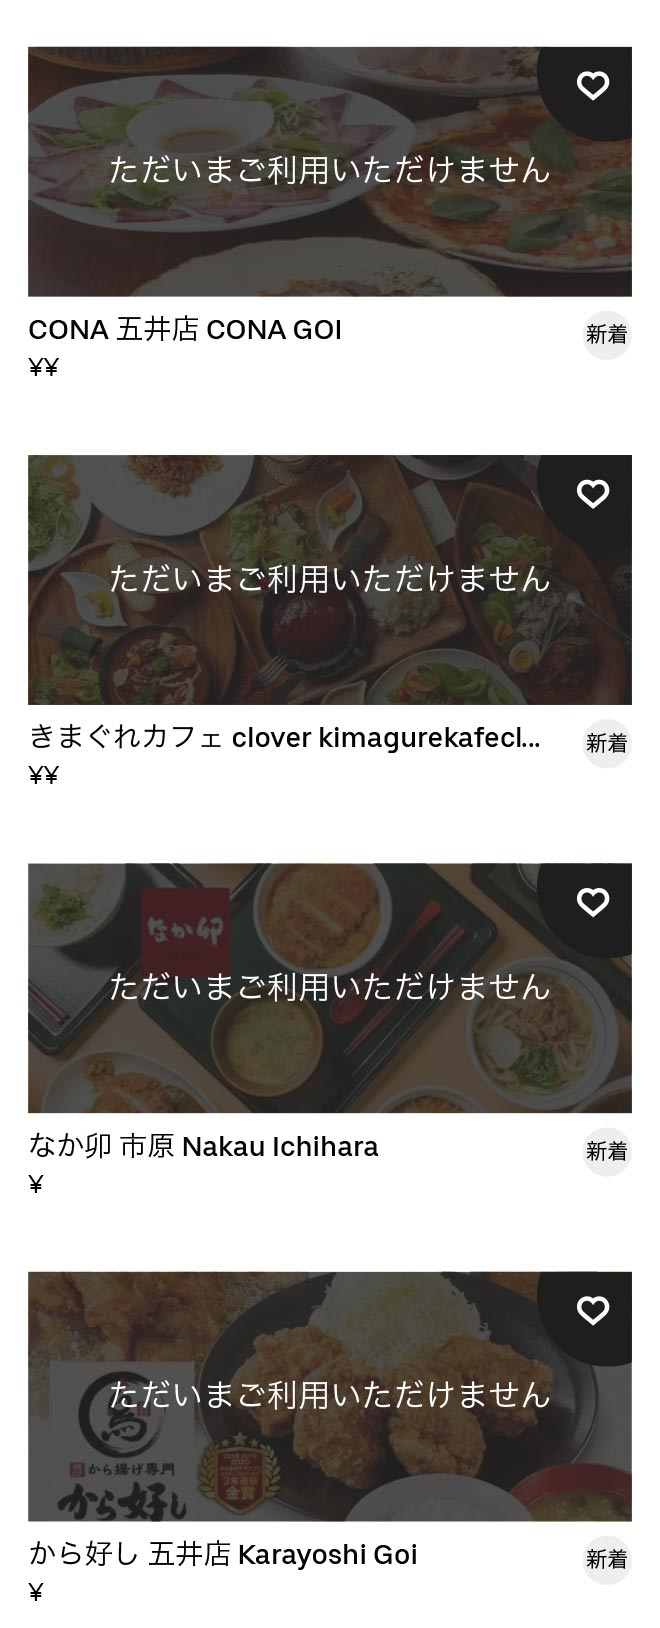 Ichihara goi menu 2011 5